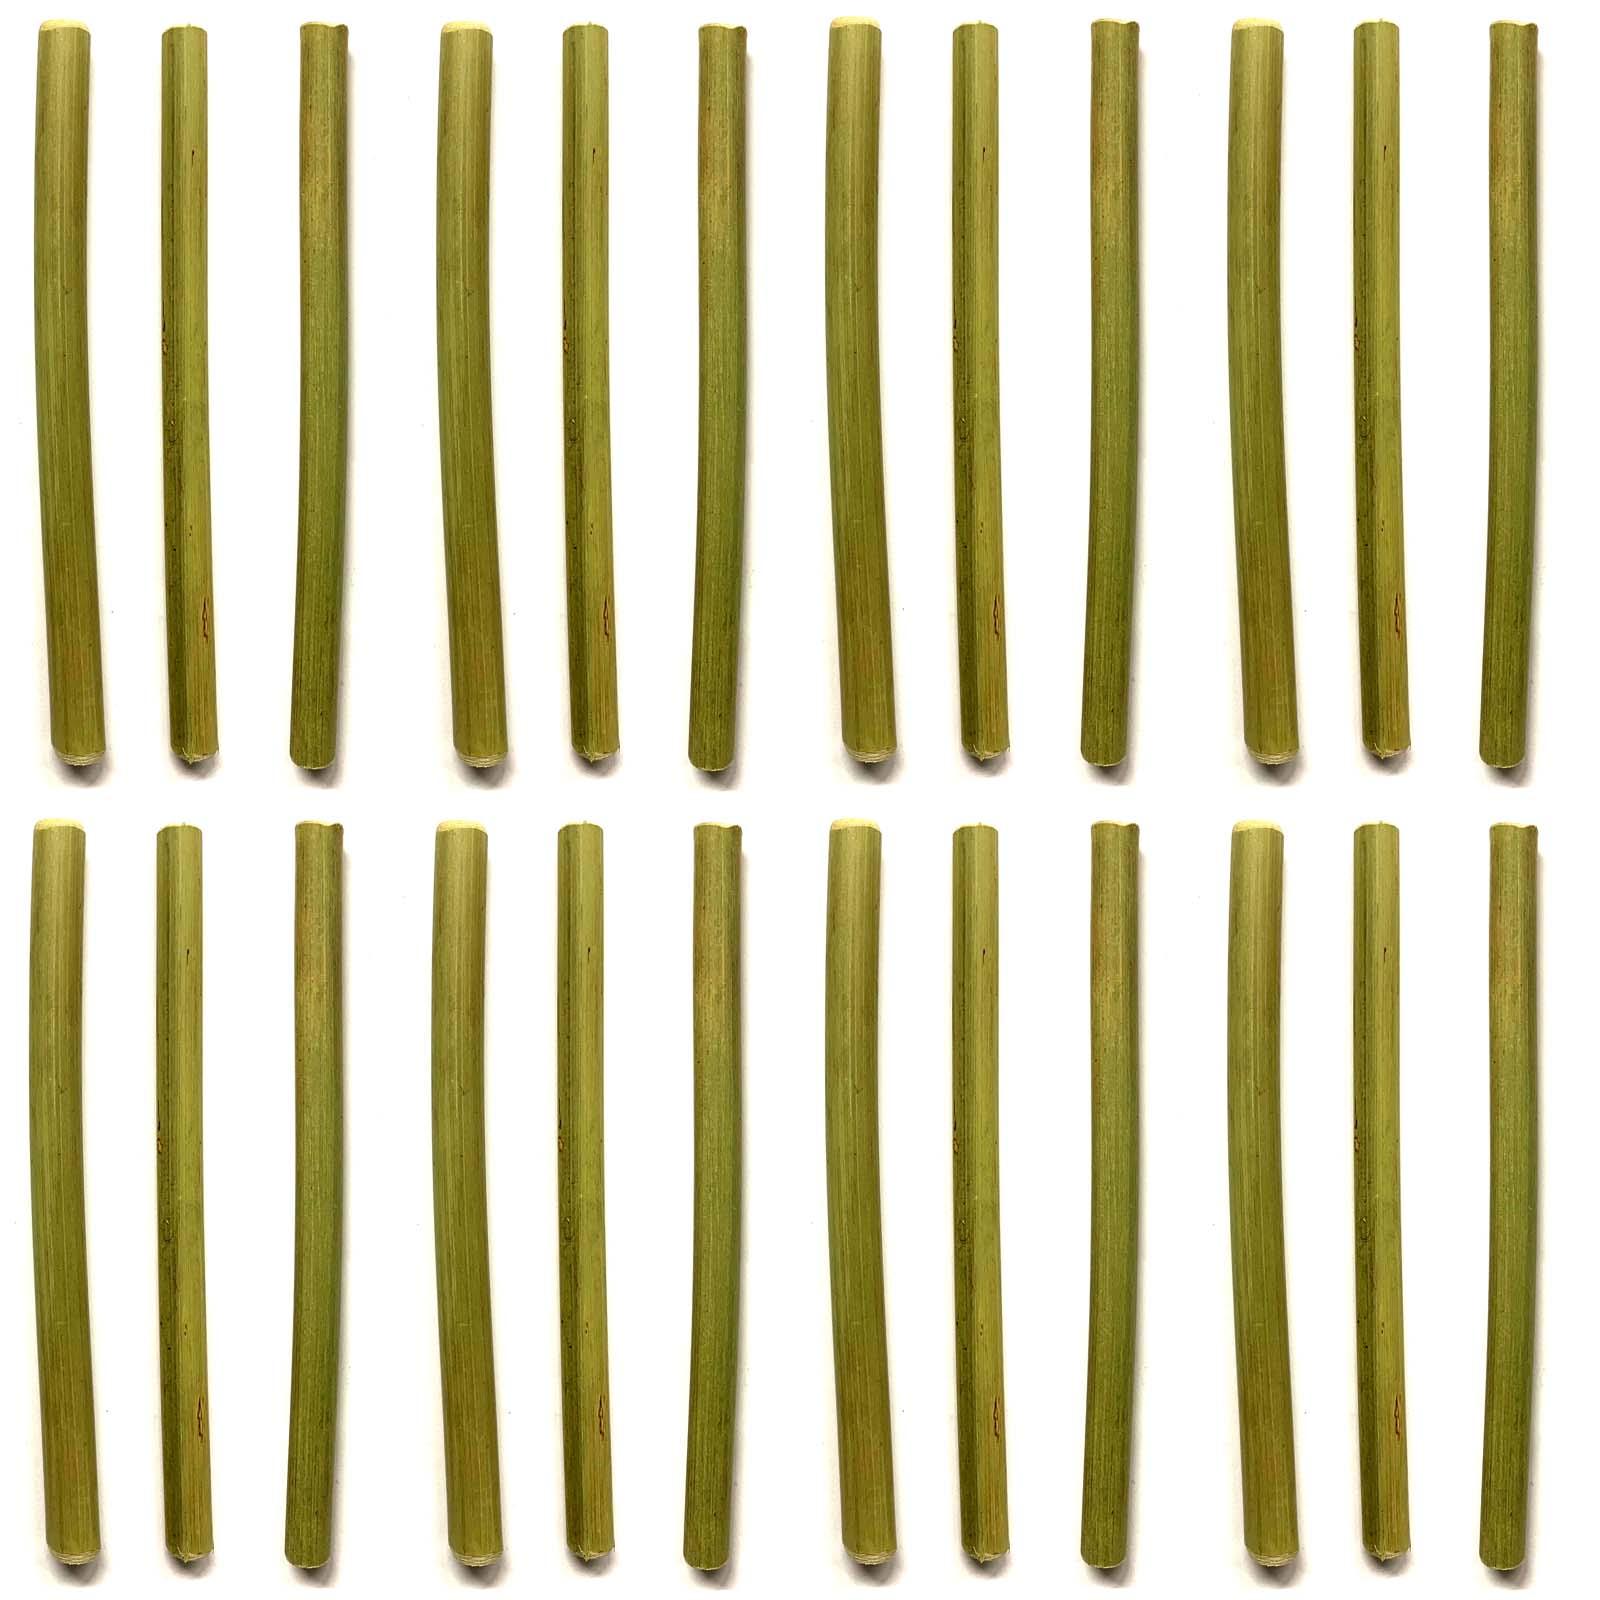 6 Strohhalme aus BambusTrinkhalme WiederverwendbarTrink Cocktail Röhrchen